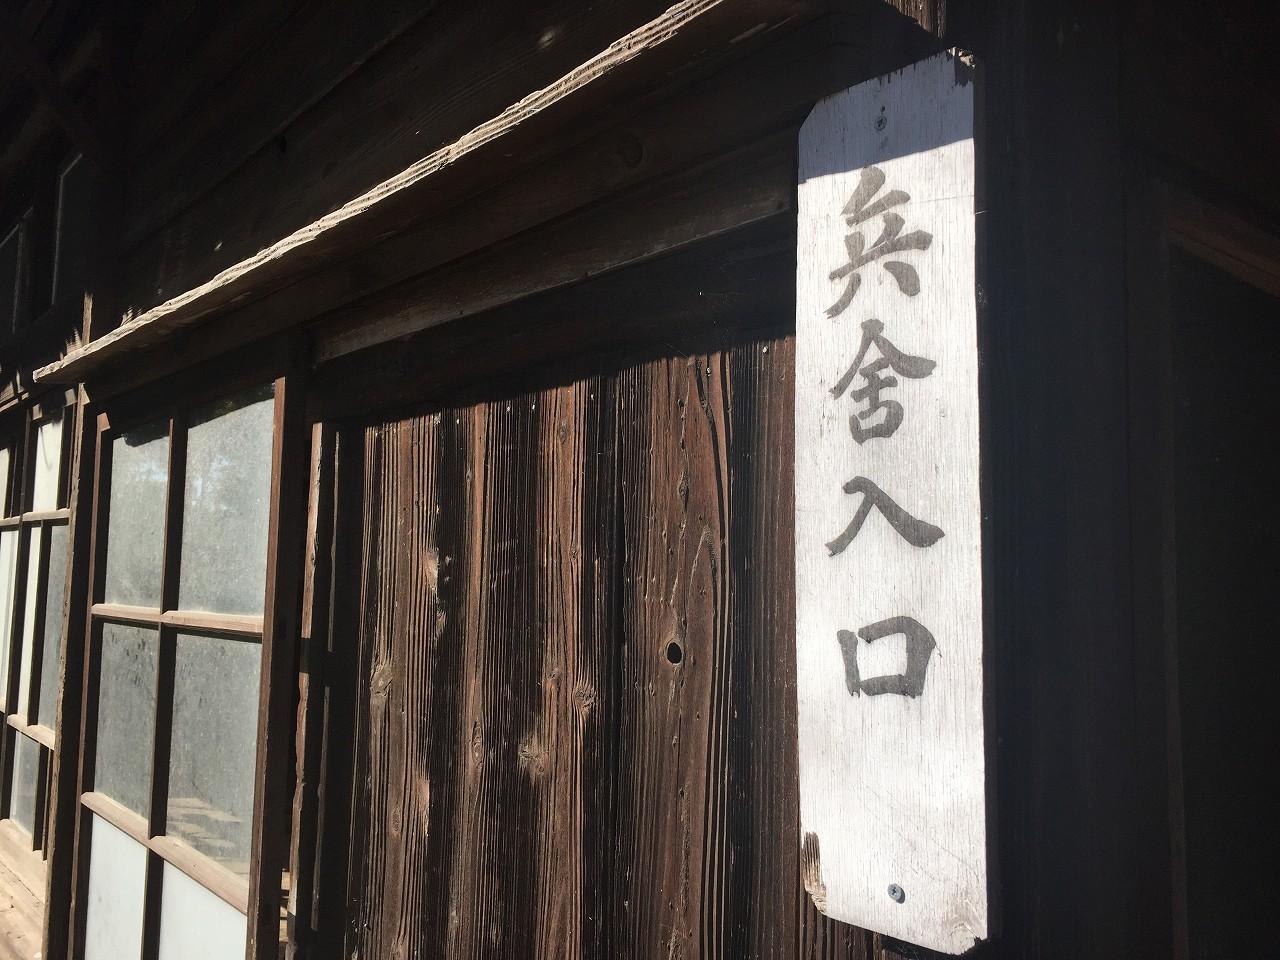 埼玉のちょっと硬派な素顔 埼玉ブルース第三十三回前編